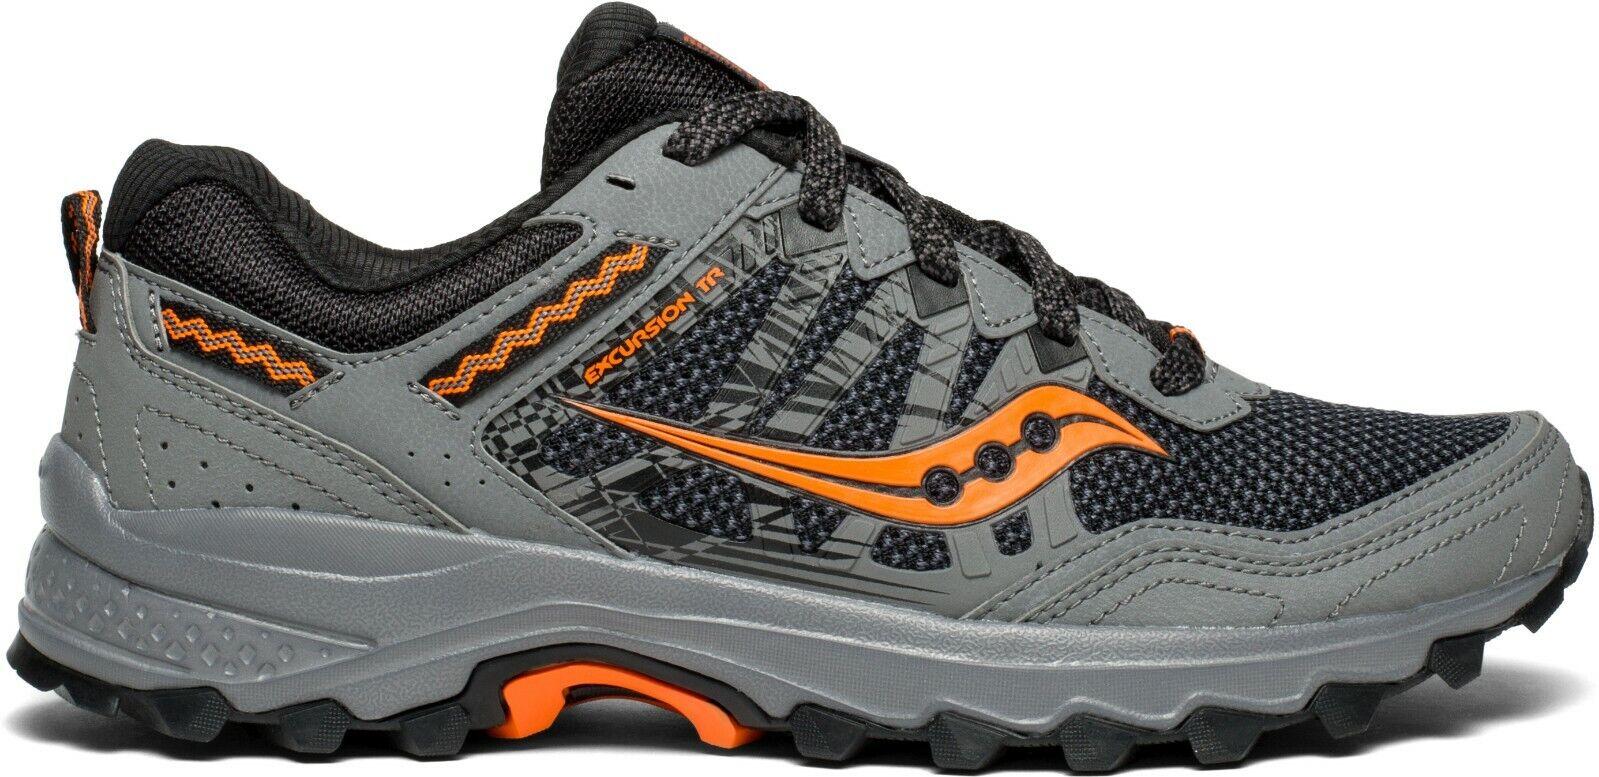 Saucony S20452 Grid Excursion TR12 Wide grau Orange Men Trail Running schuhe Größe